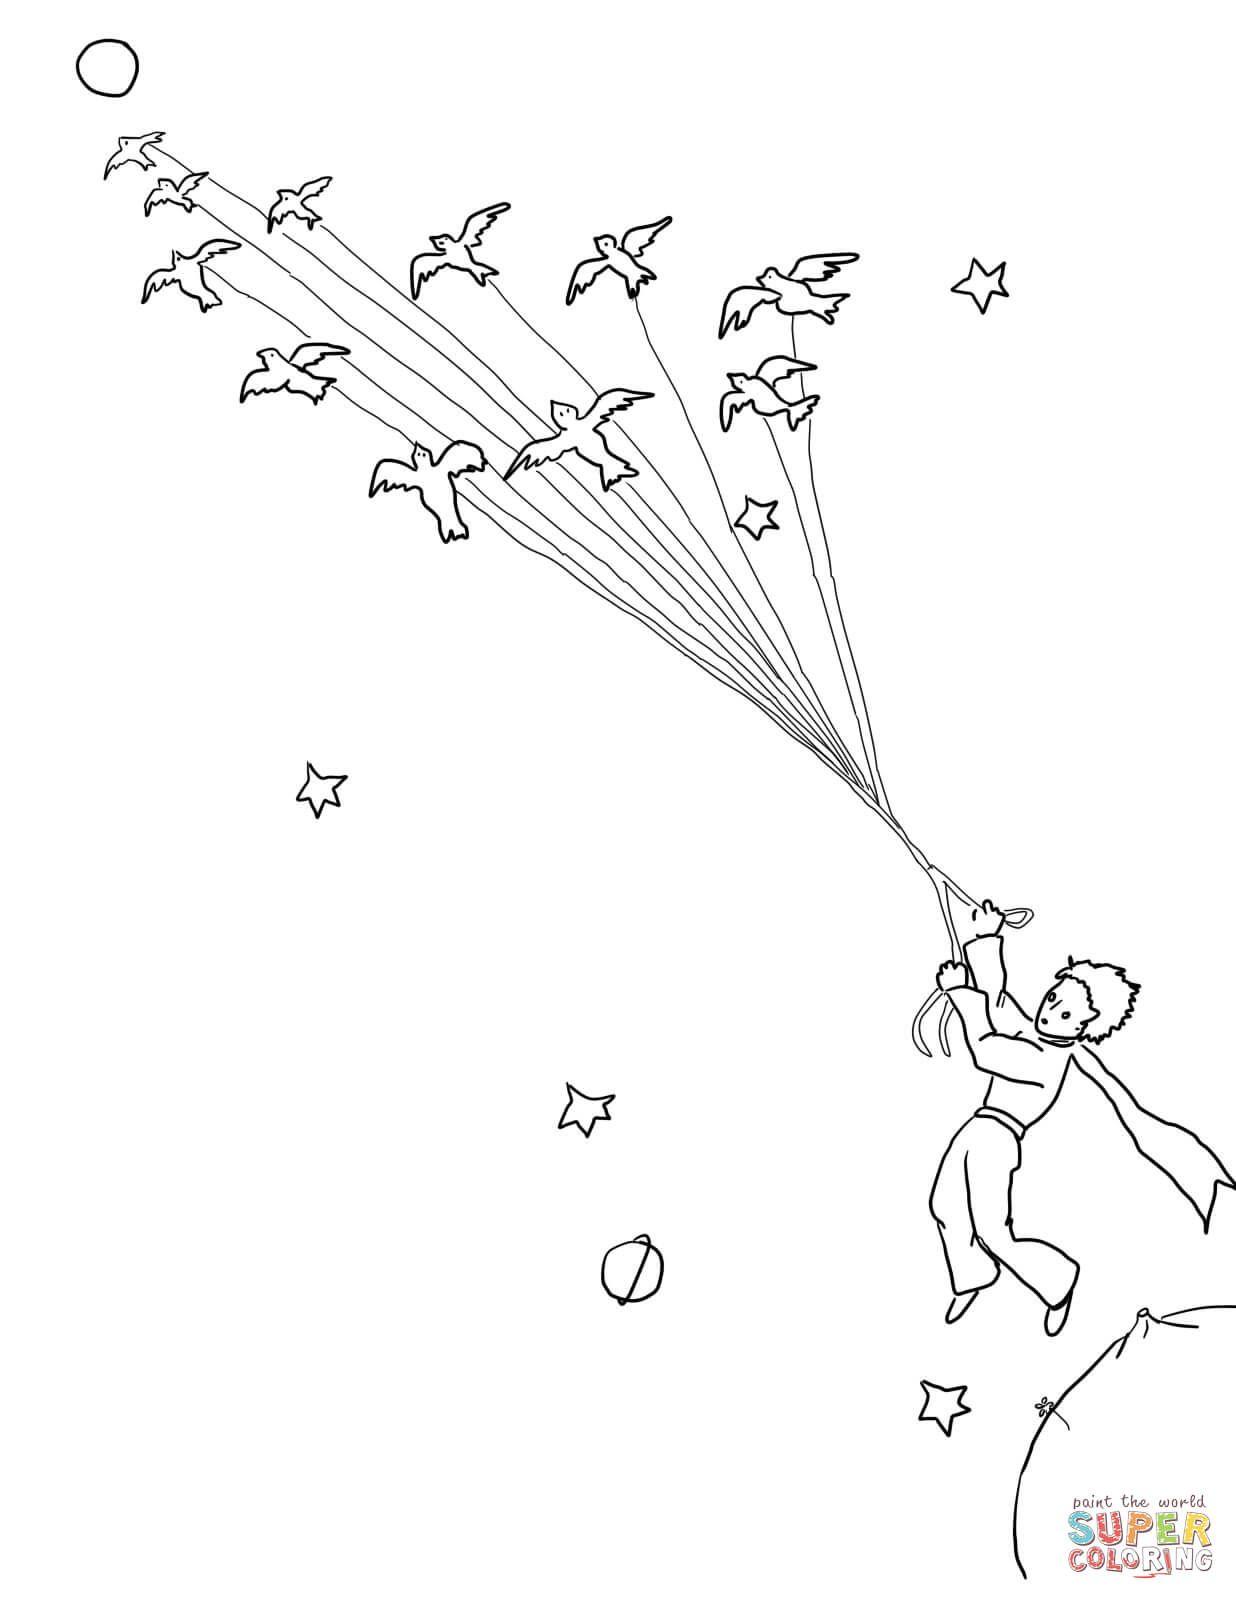 El Principito se va de su planeta con aves migratorias | Super ...